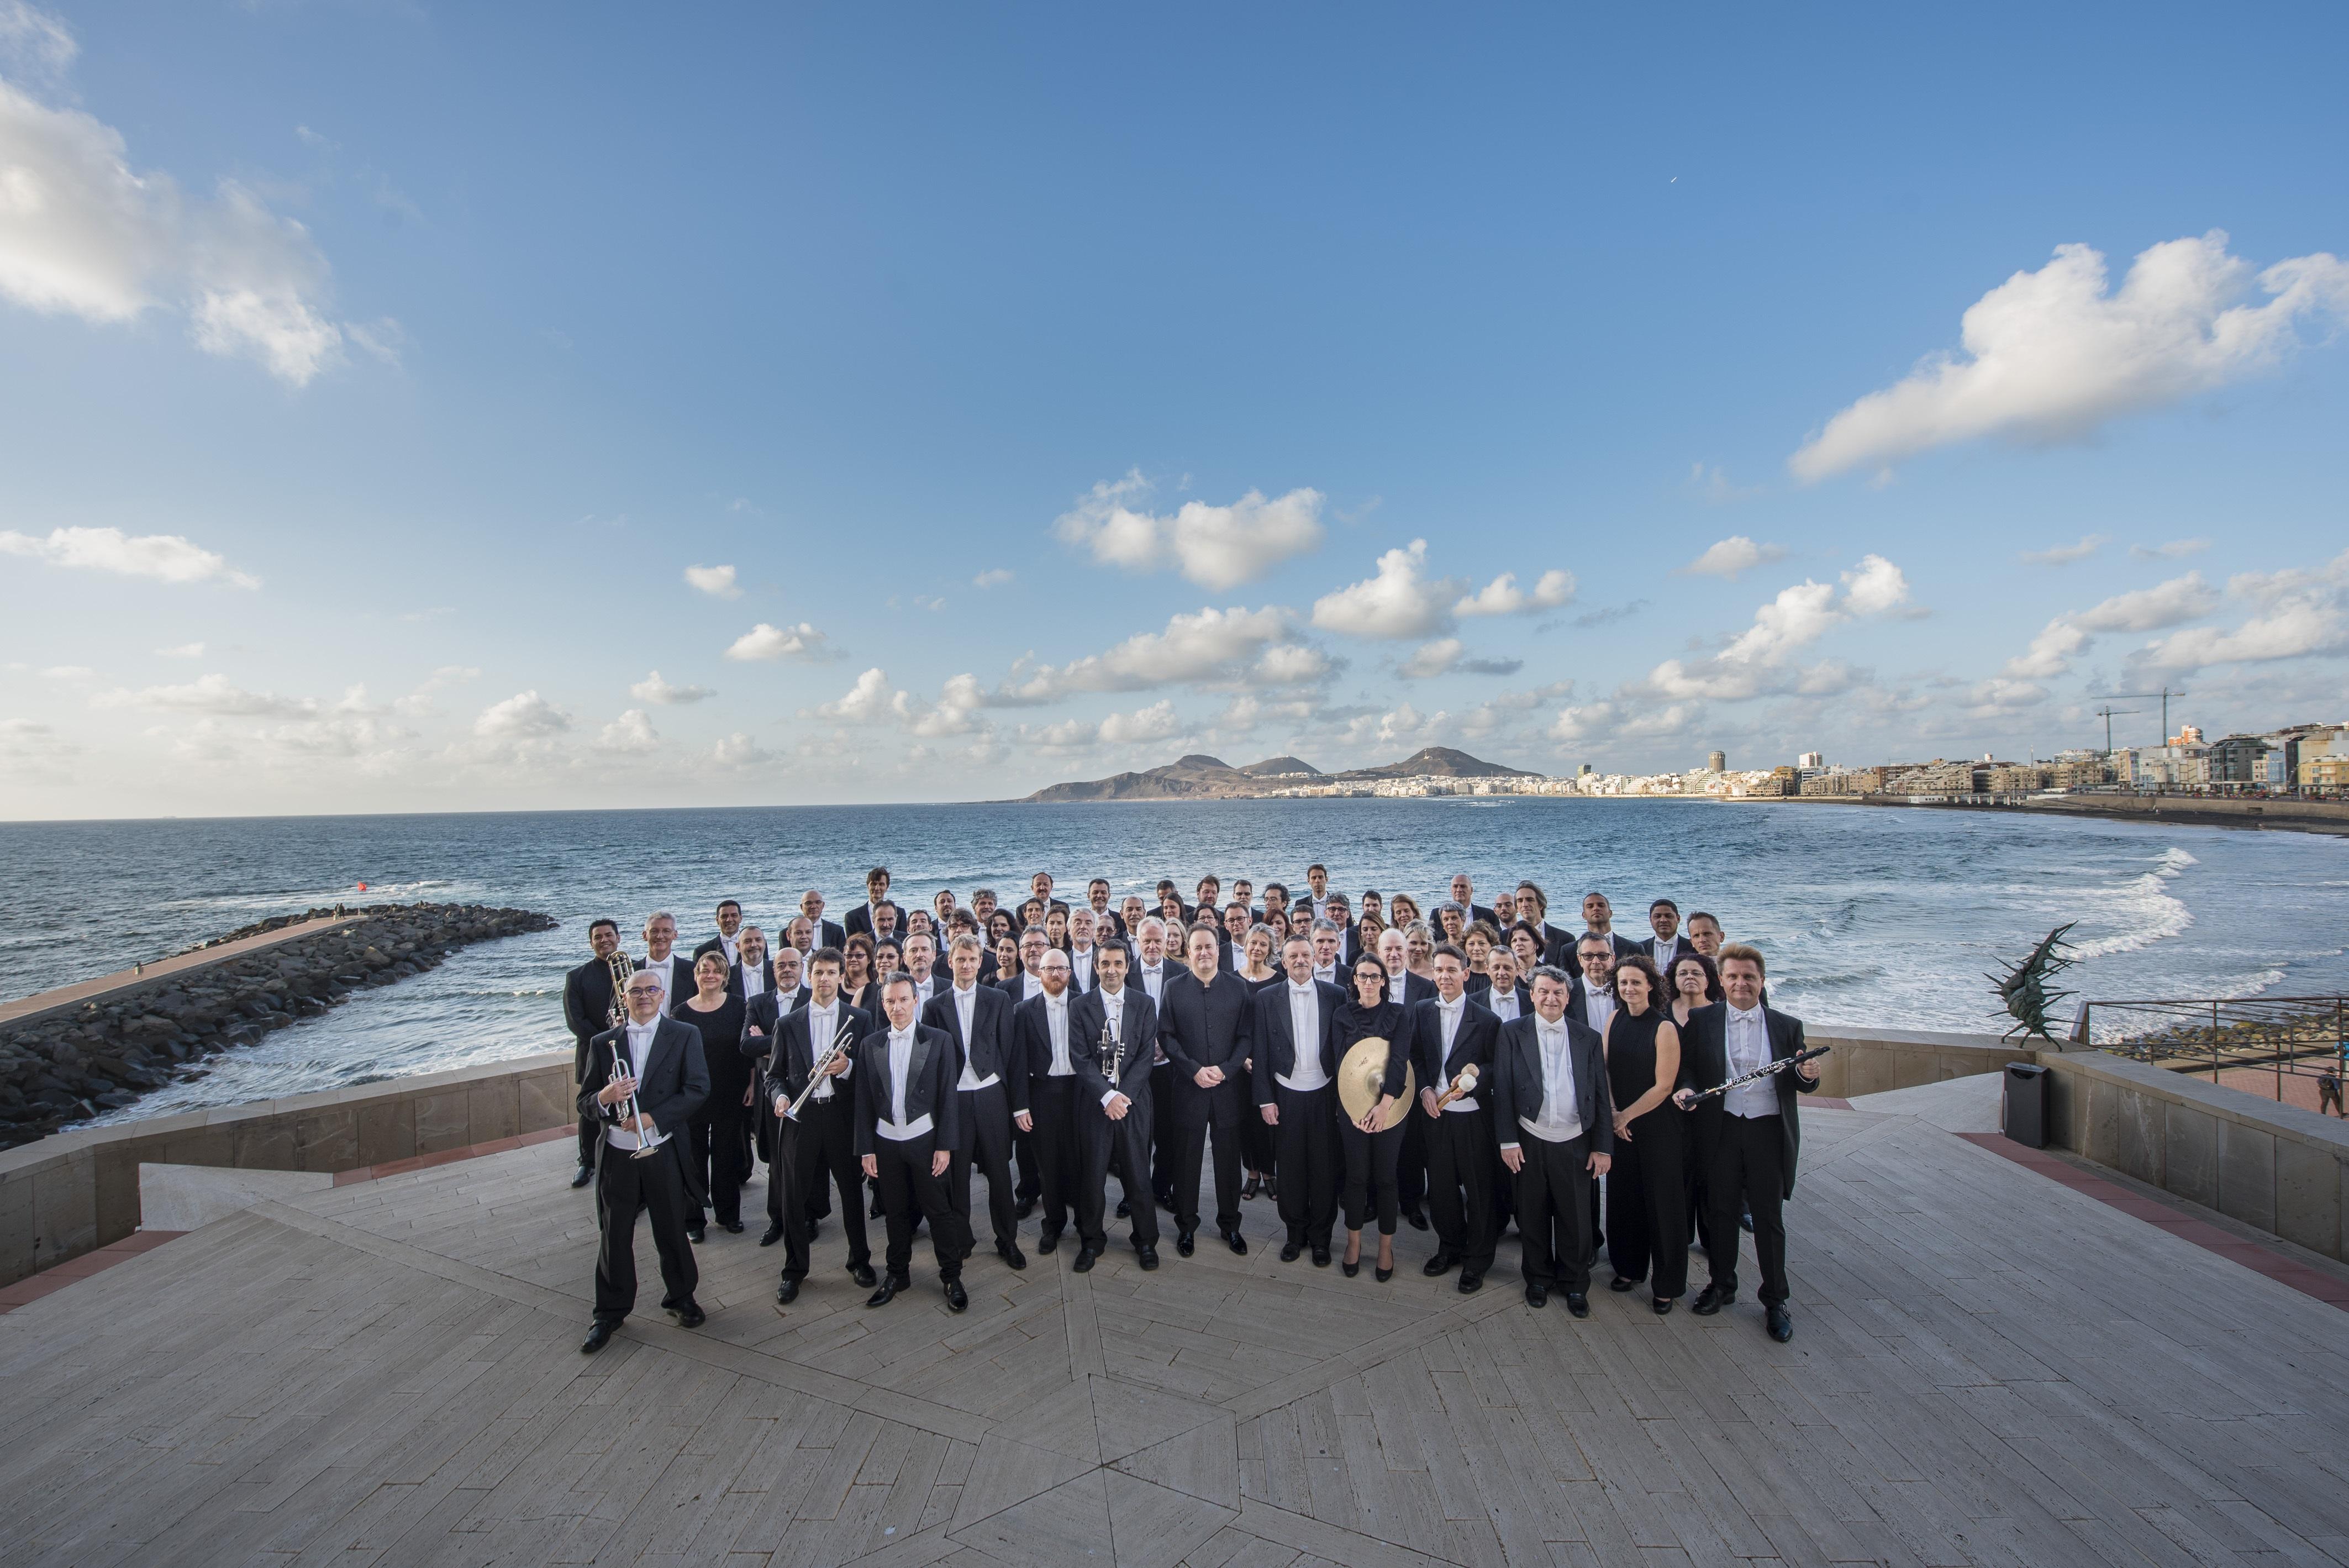 La OFGC convoca audiciones para oboe solista